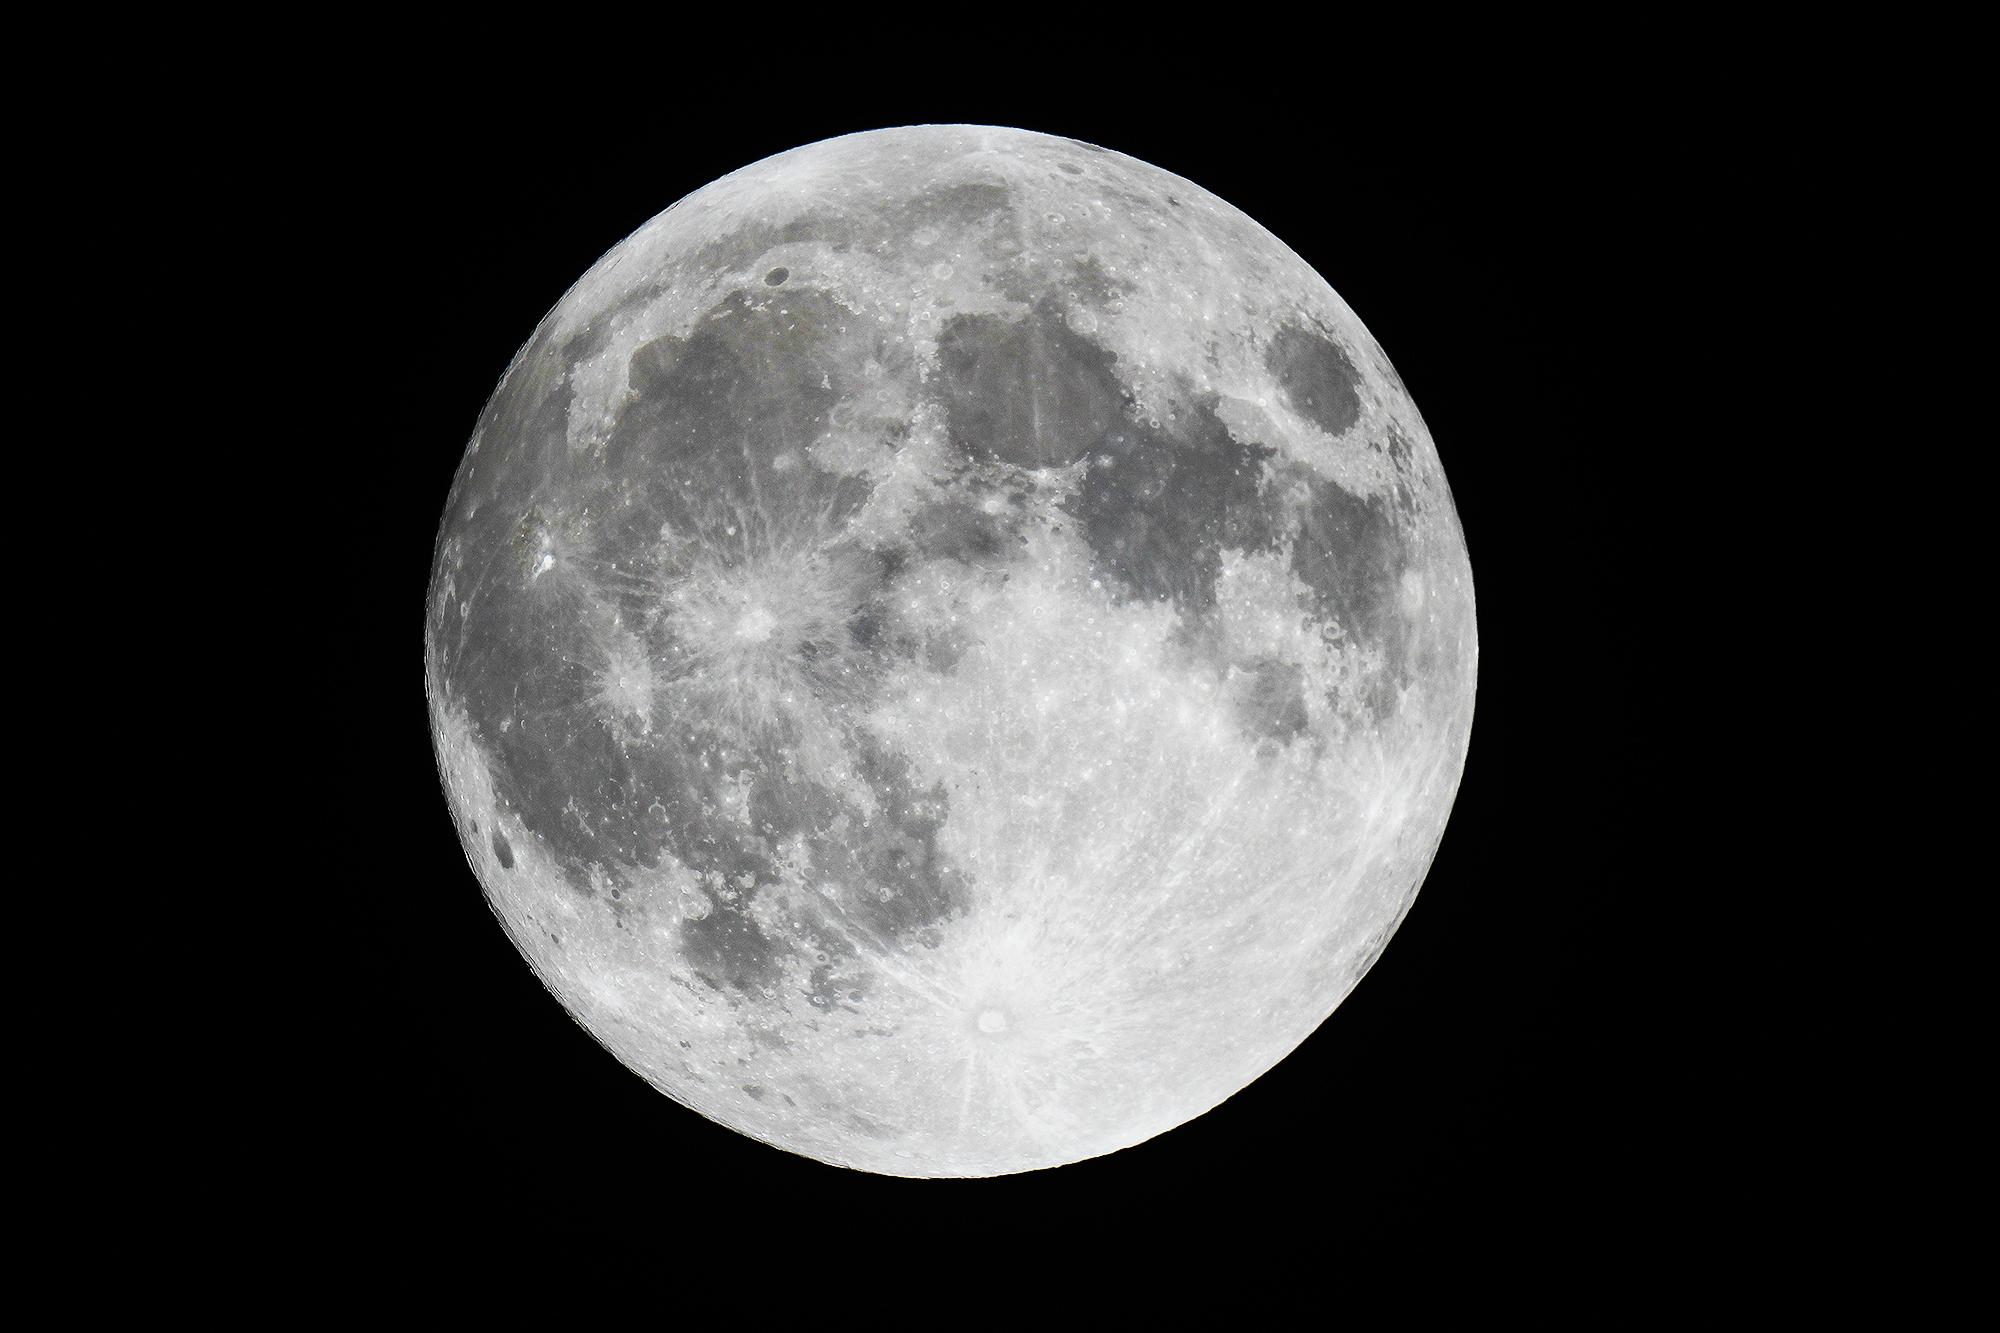 Meteo info #5 – Księżyc i Ziemia